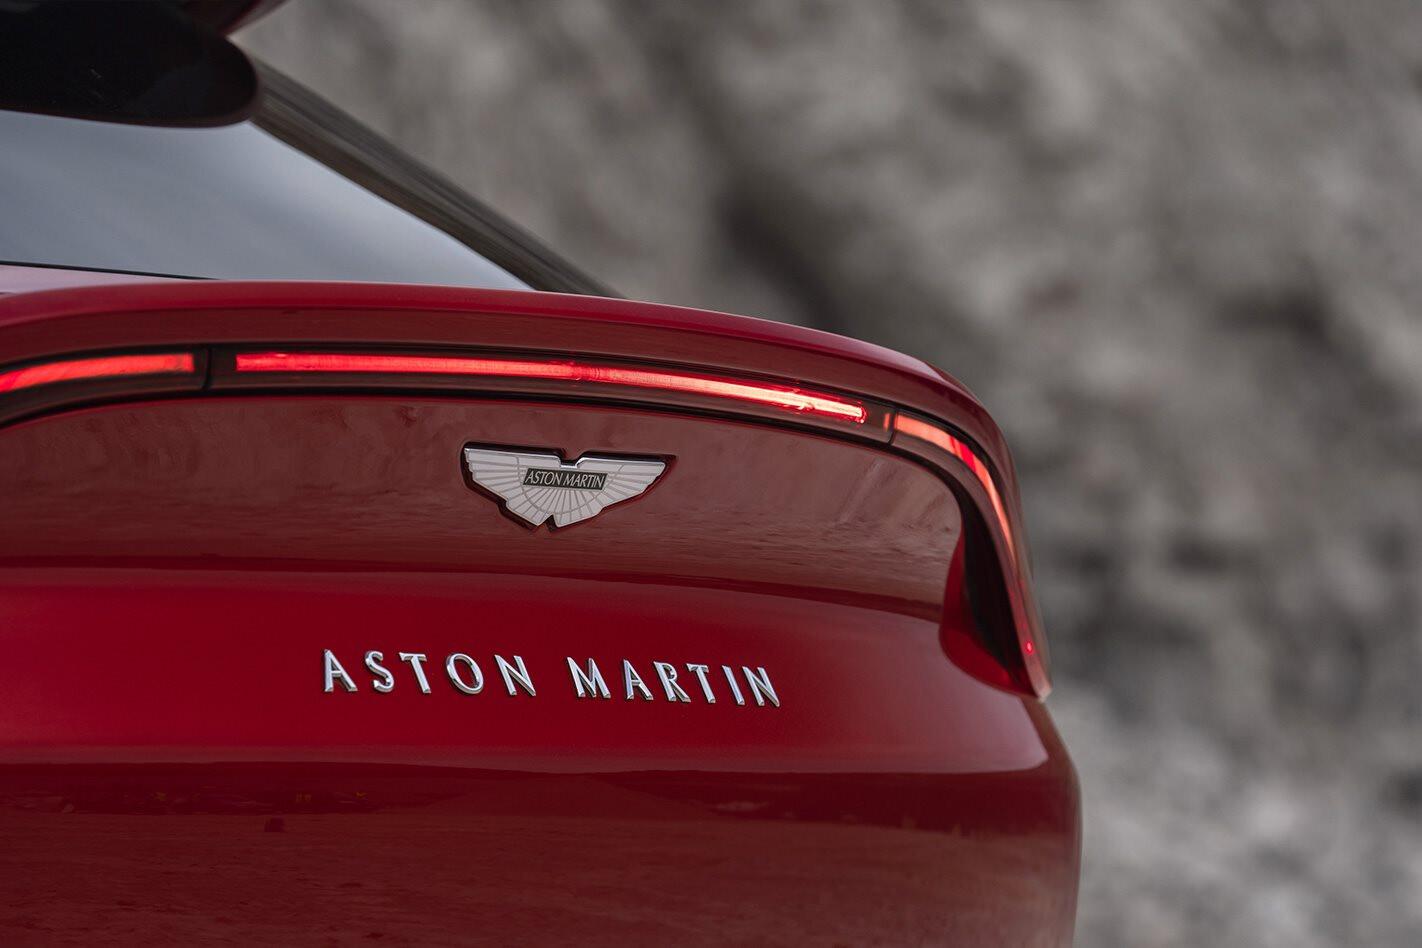 Aston Martin Dbx Suv Bum Jpg